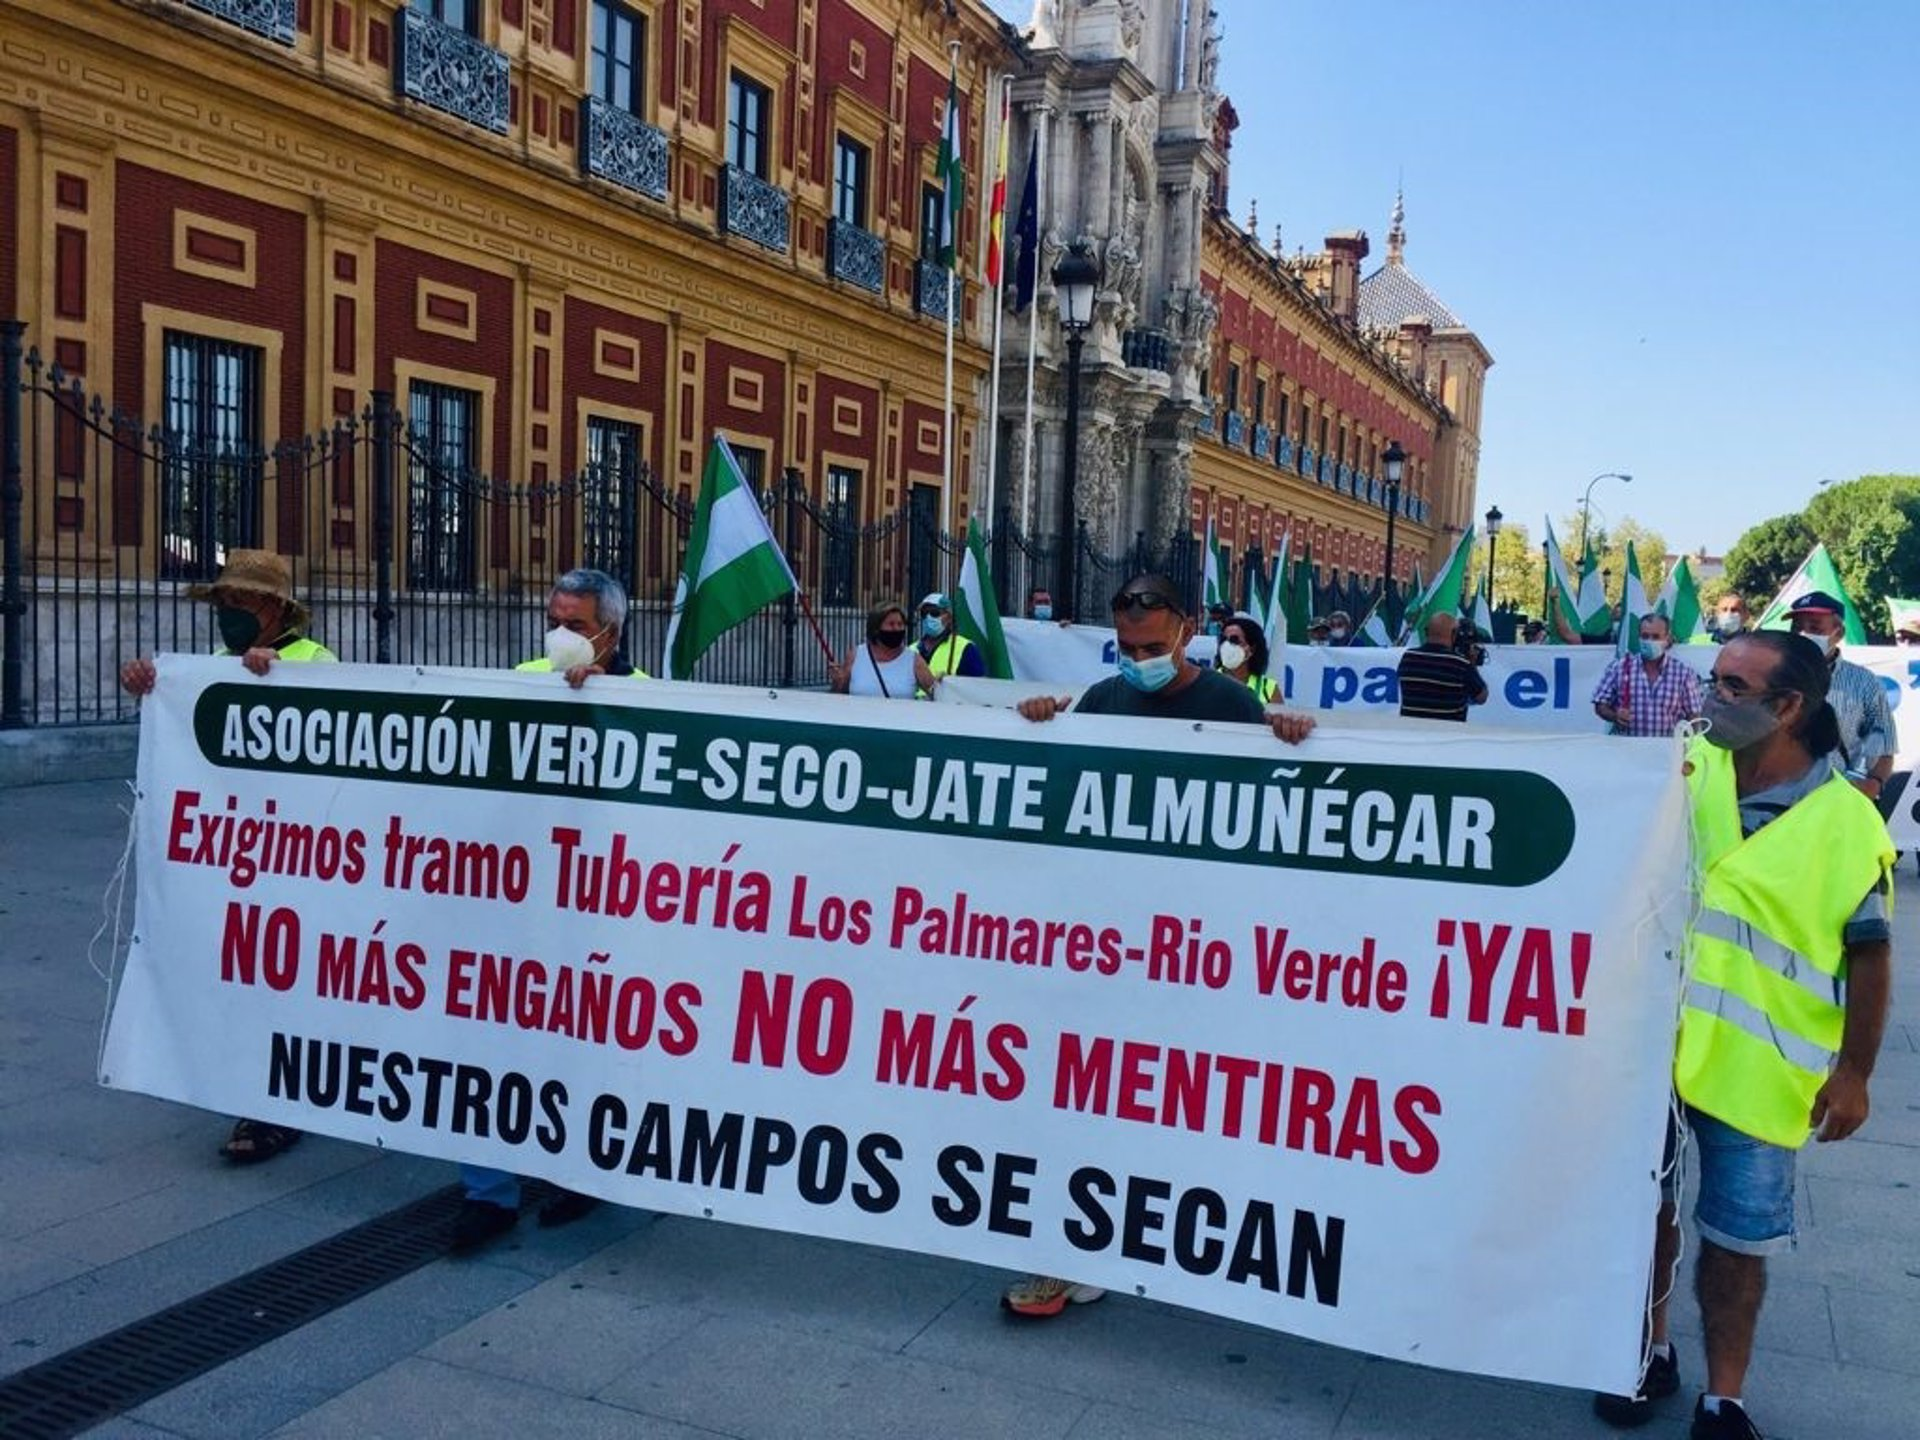 Agricultores se concentran este miércoles ante Transición Ecológica en Madrid por las conducciones de Rules